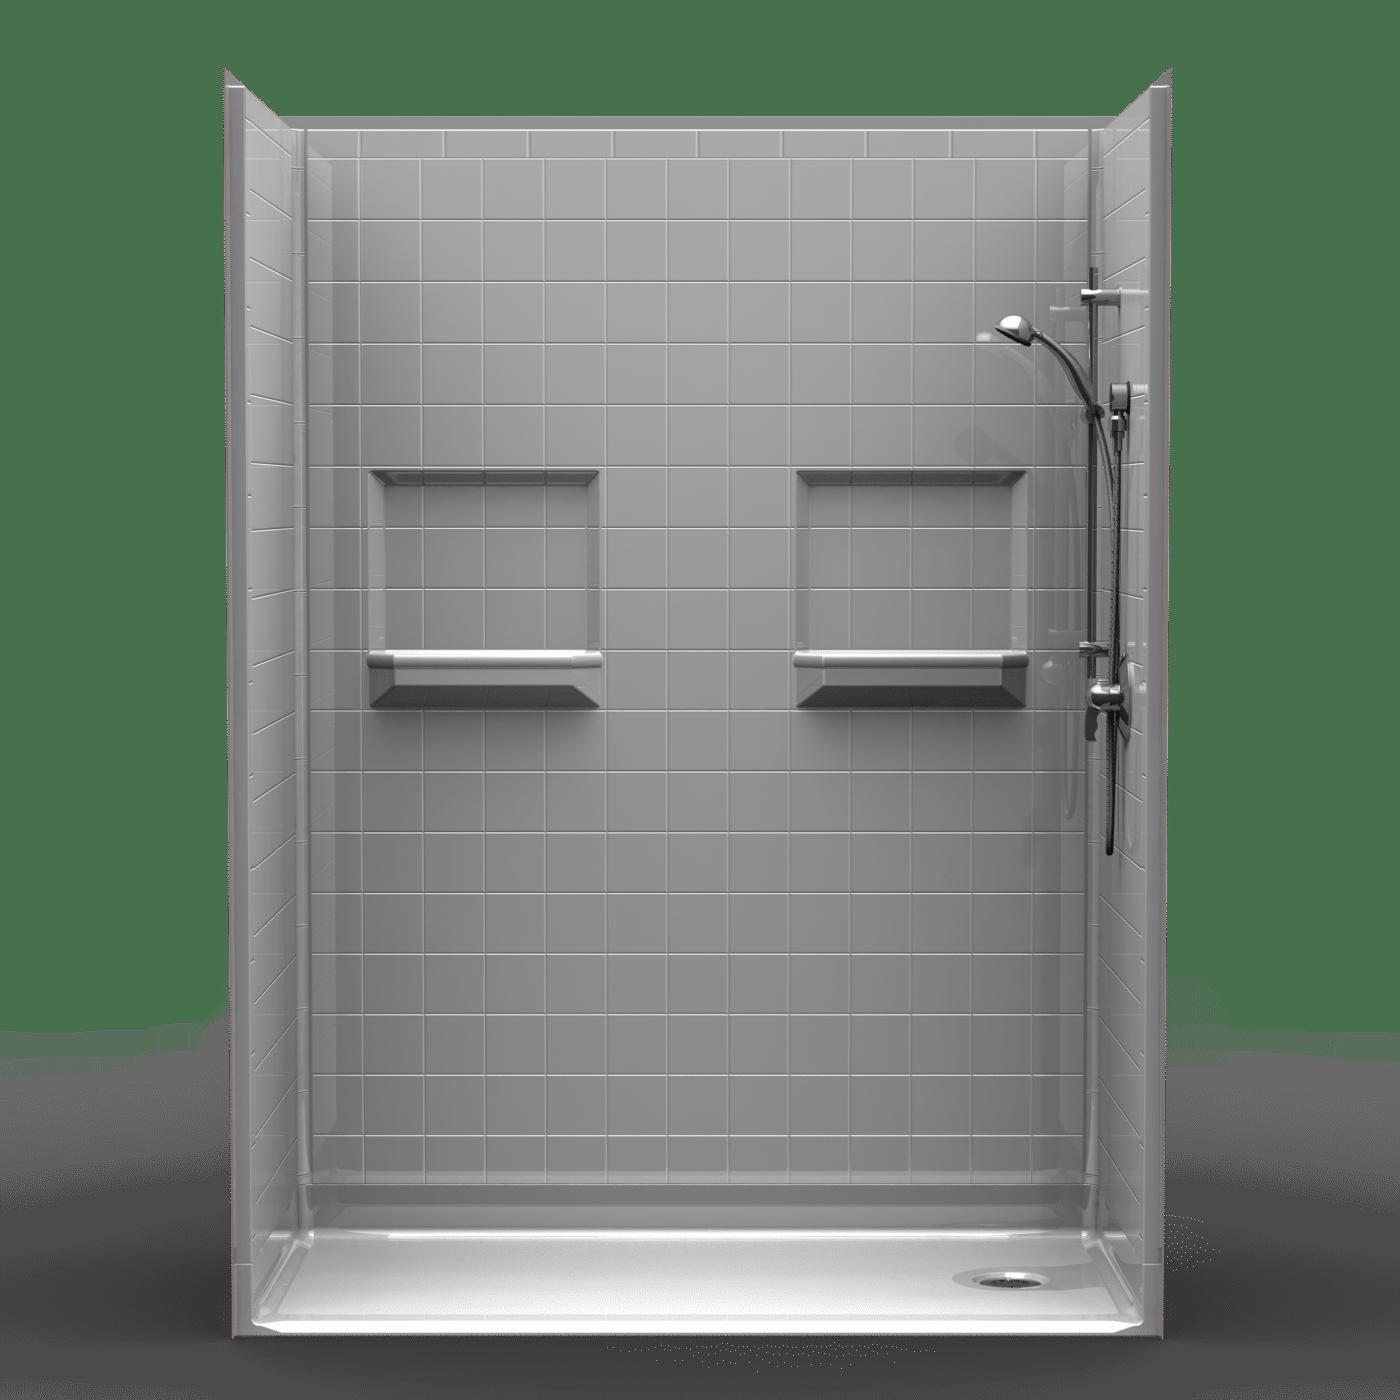 Handicap Showers, ADA Showers, Walk-In Showers | ORCA HealthCare